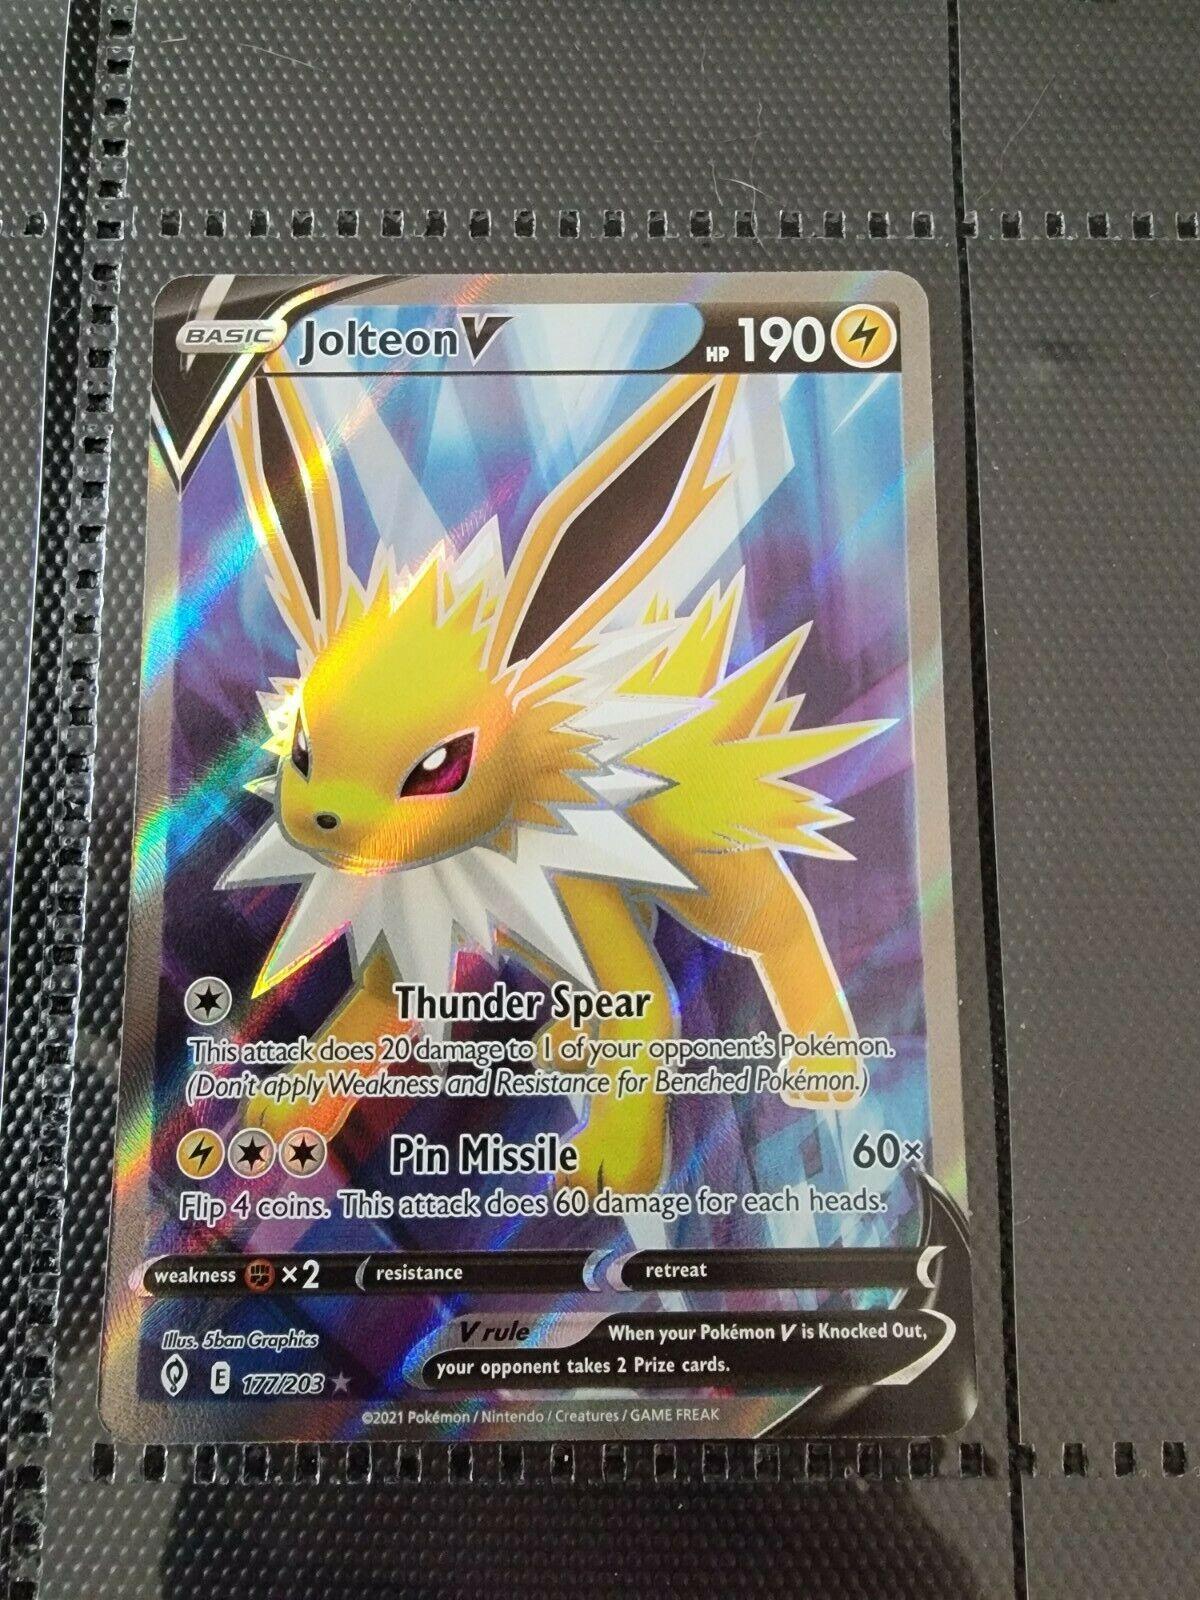 Pokémon JOLTEON V 177/203 Evolving Skies FULL ART ULTRA RARE HOLO - NM/M